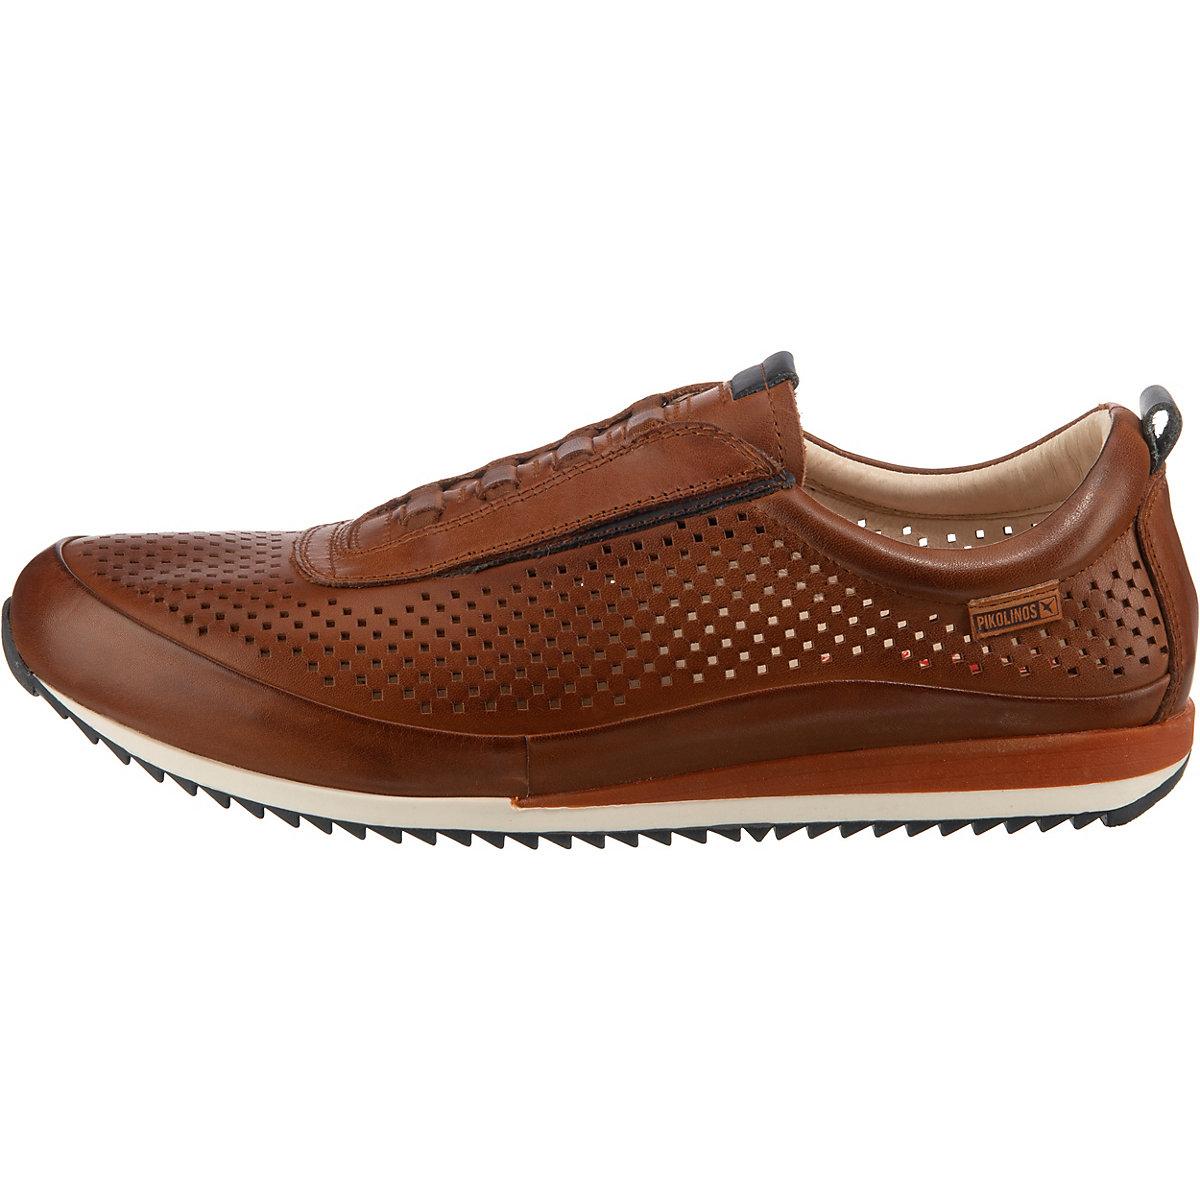 Pikolinos, Liverpool Sneakers Low, Braun